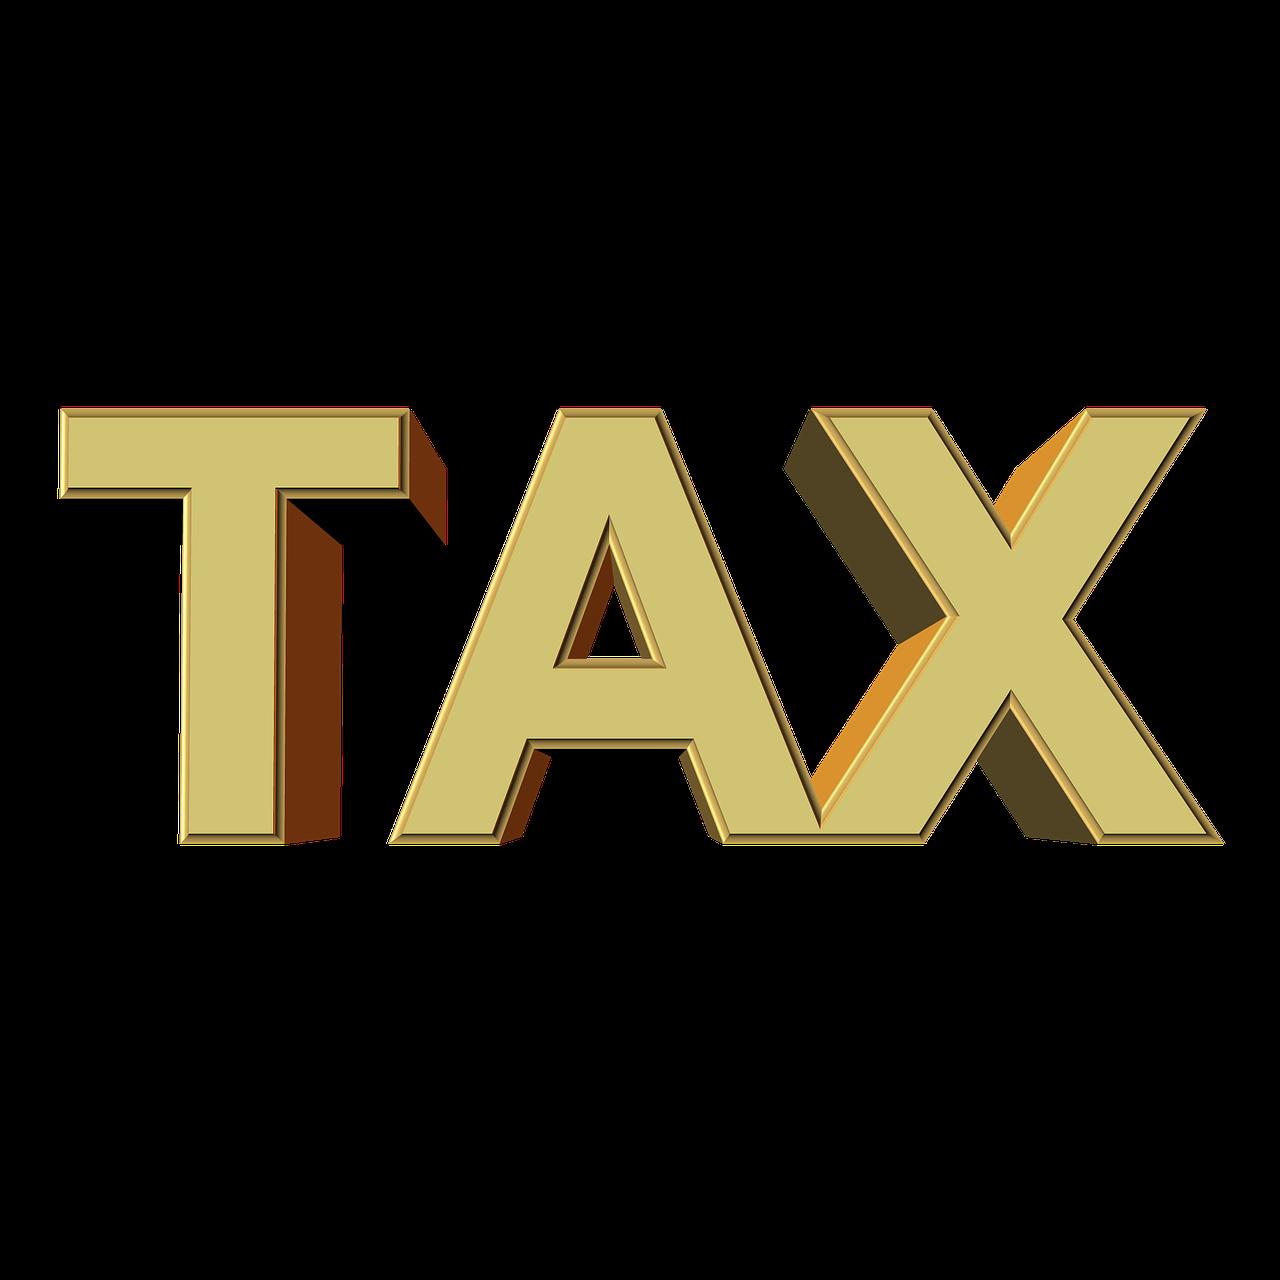 「税金払えばいいんでしょ?」という言葉を使っていいのはオーナーだけ!?